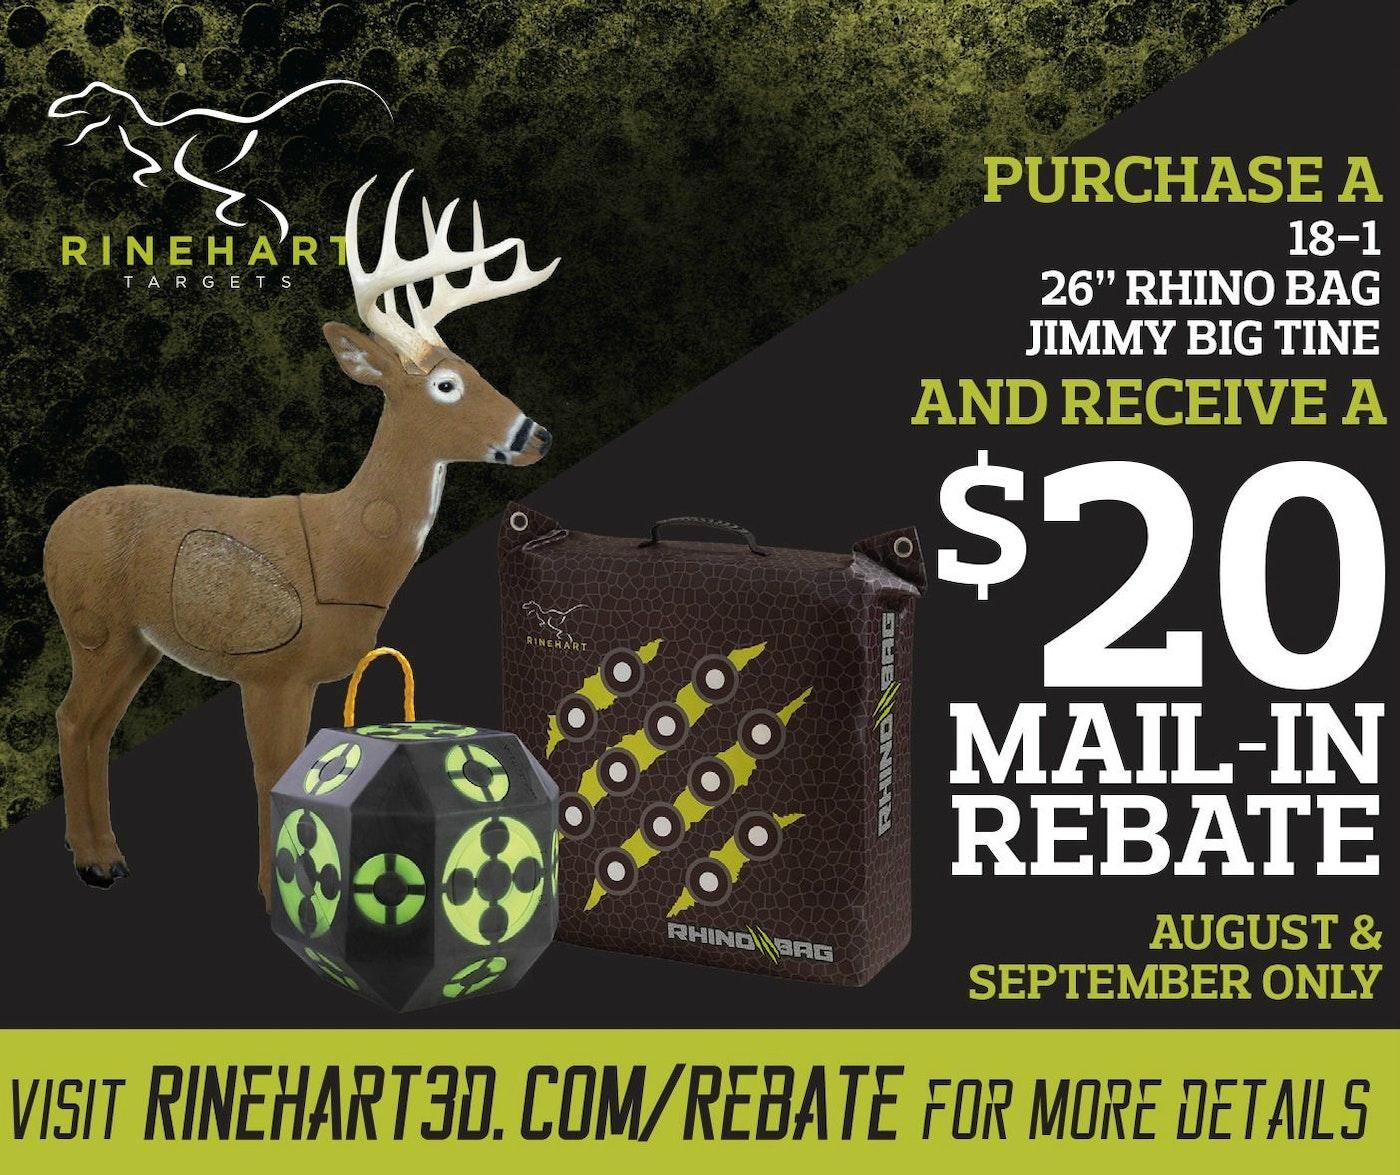 Mail In Rebate Offers >> 2019 Mail In Rebate Offers From Rinehart Targets Grand